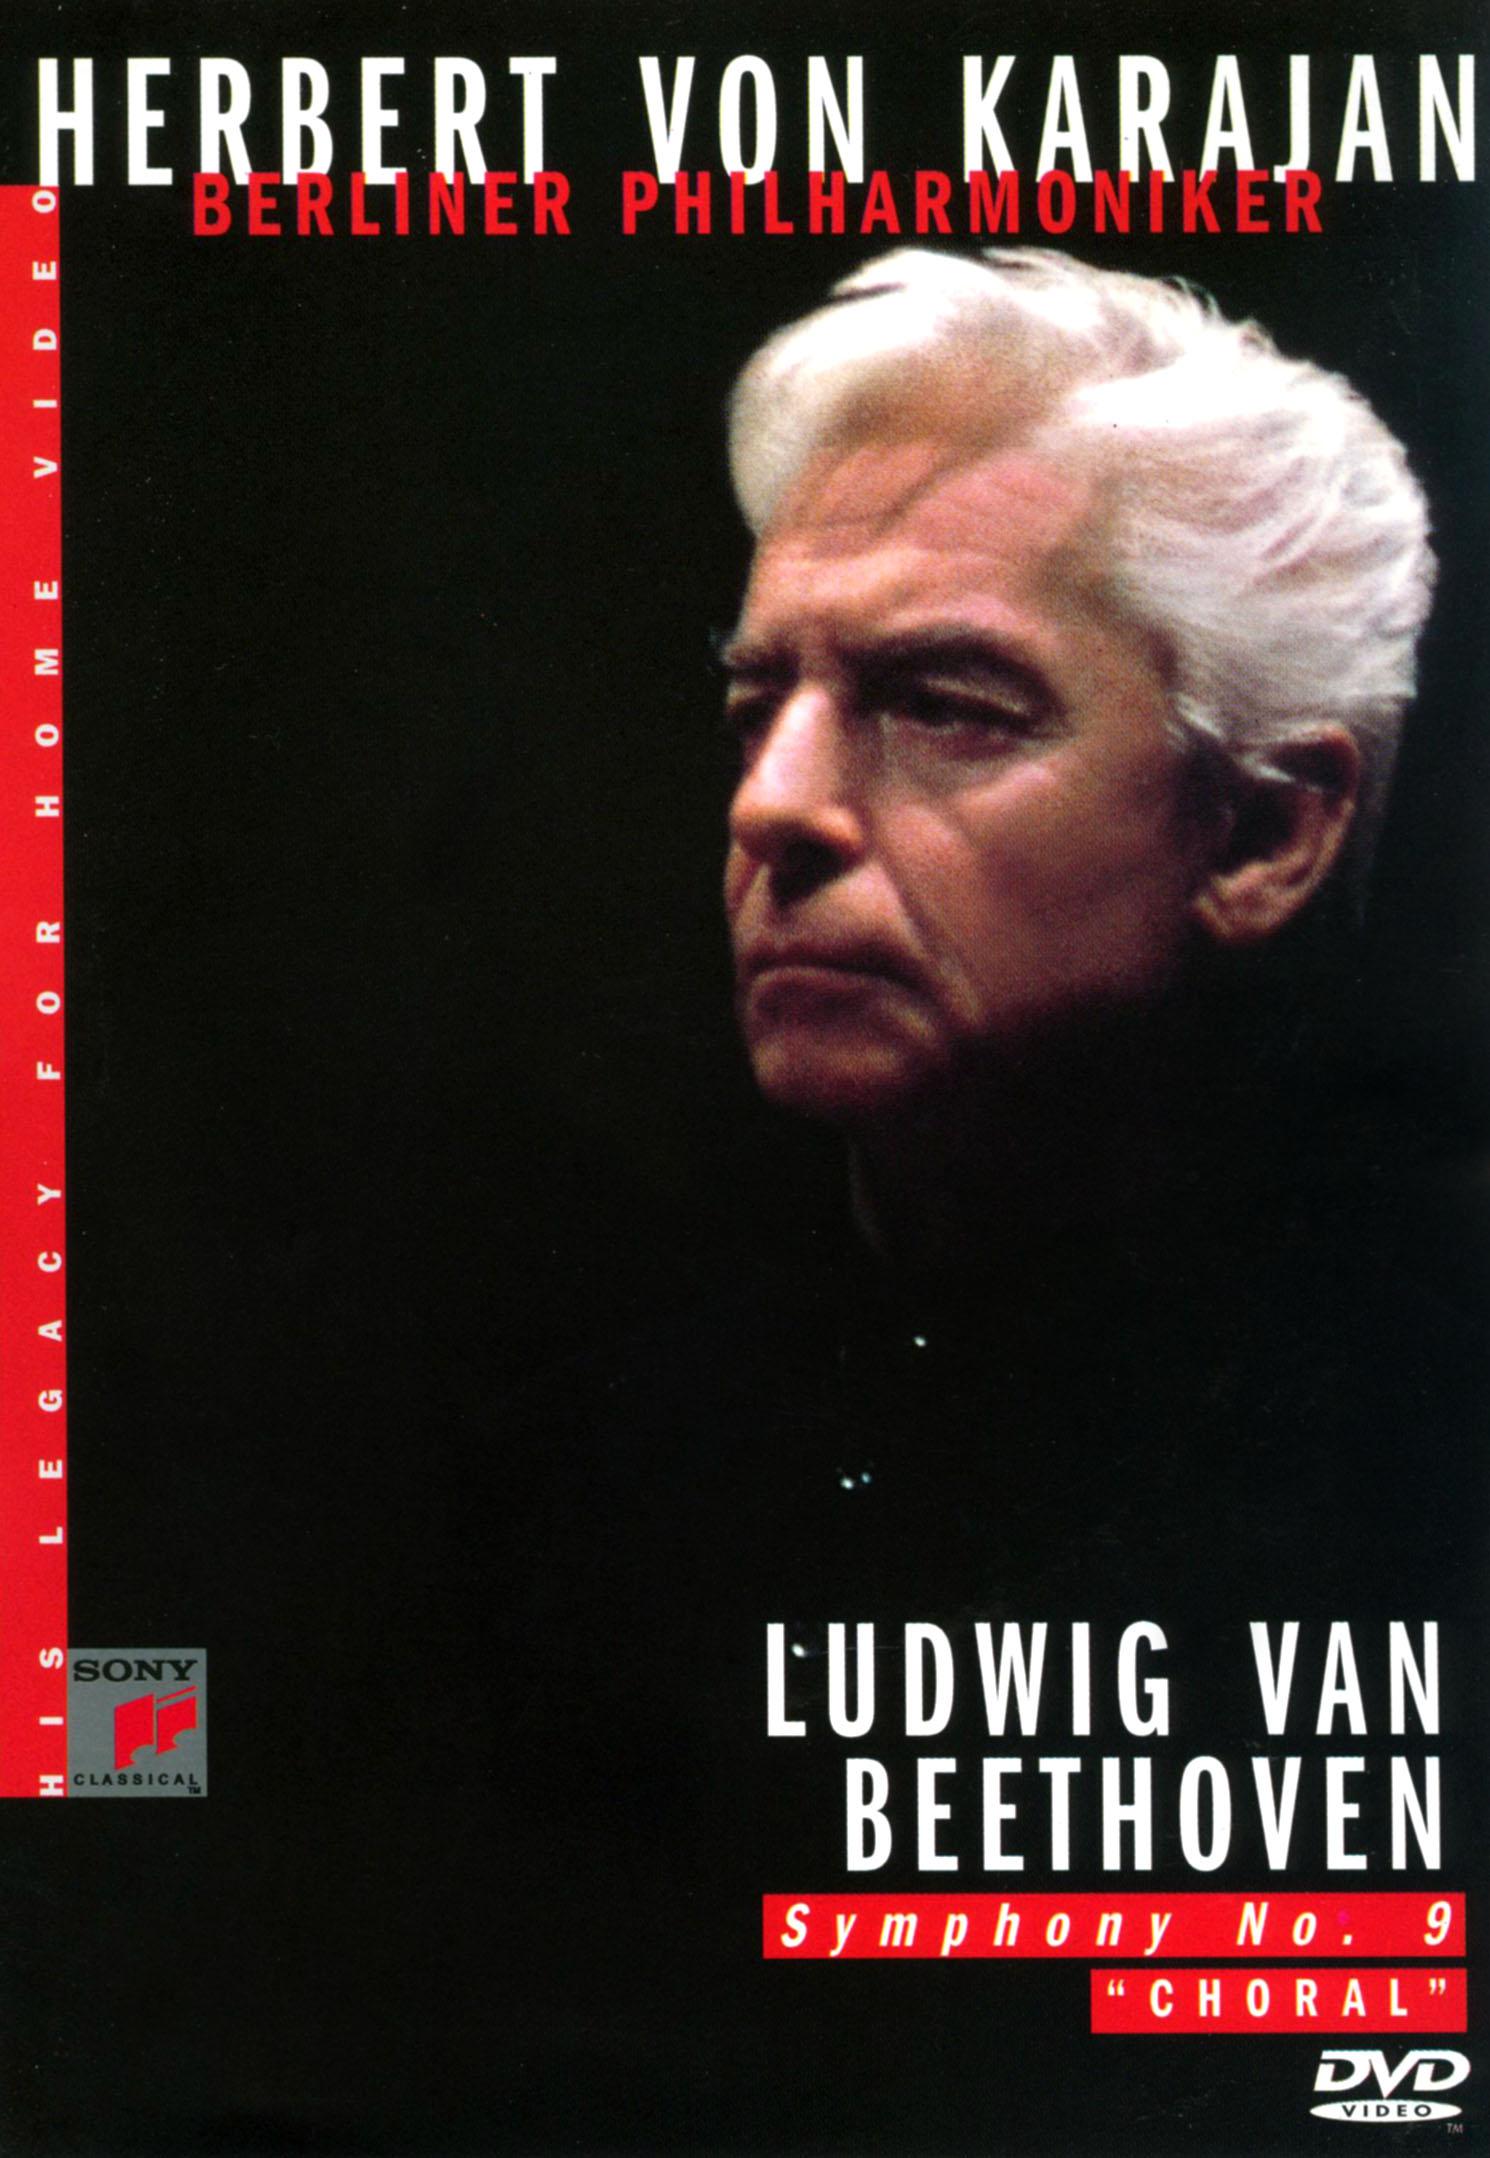 Herbert Von Karajan: Beethoven - Symphony No. 9